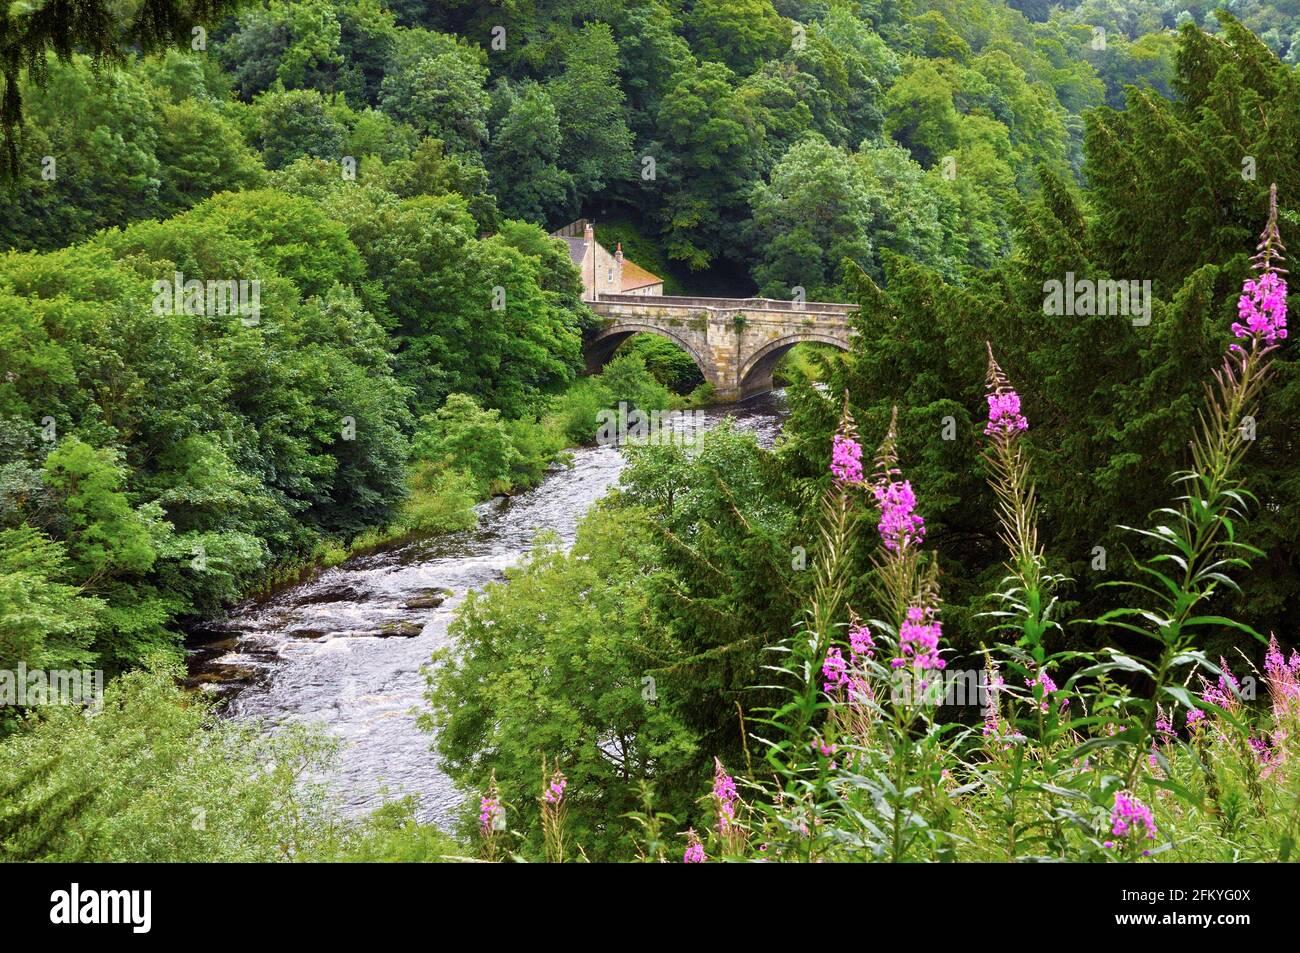 Green Bridge y River Swale rodeado de frondosos árboles con hierba de willowherb rosa brillante en el primer plano, Richmond, North Yorkshire, Inglaterra, Reino Unido Foto de stock